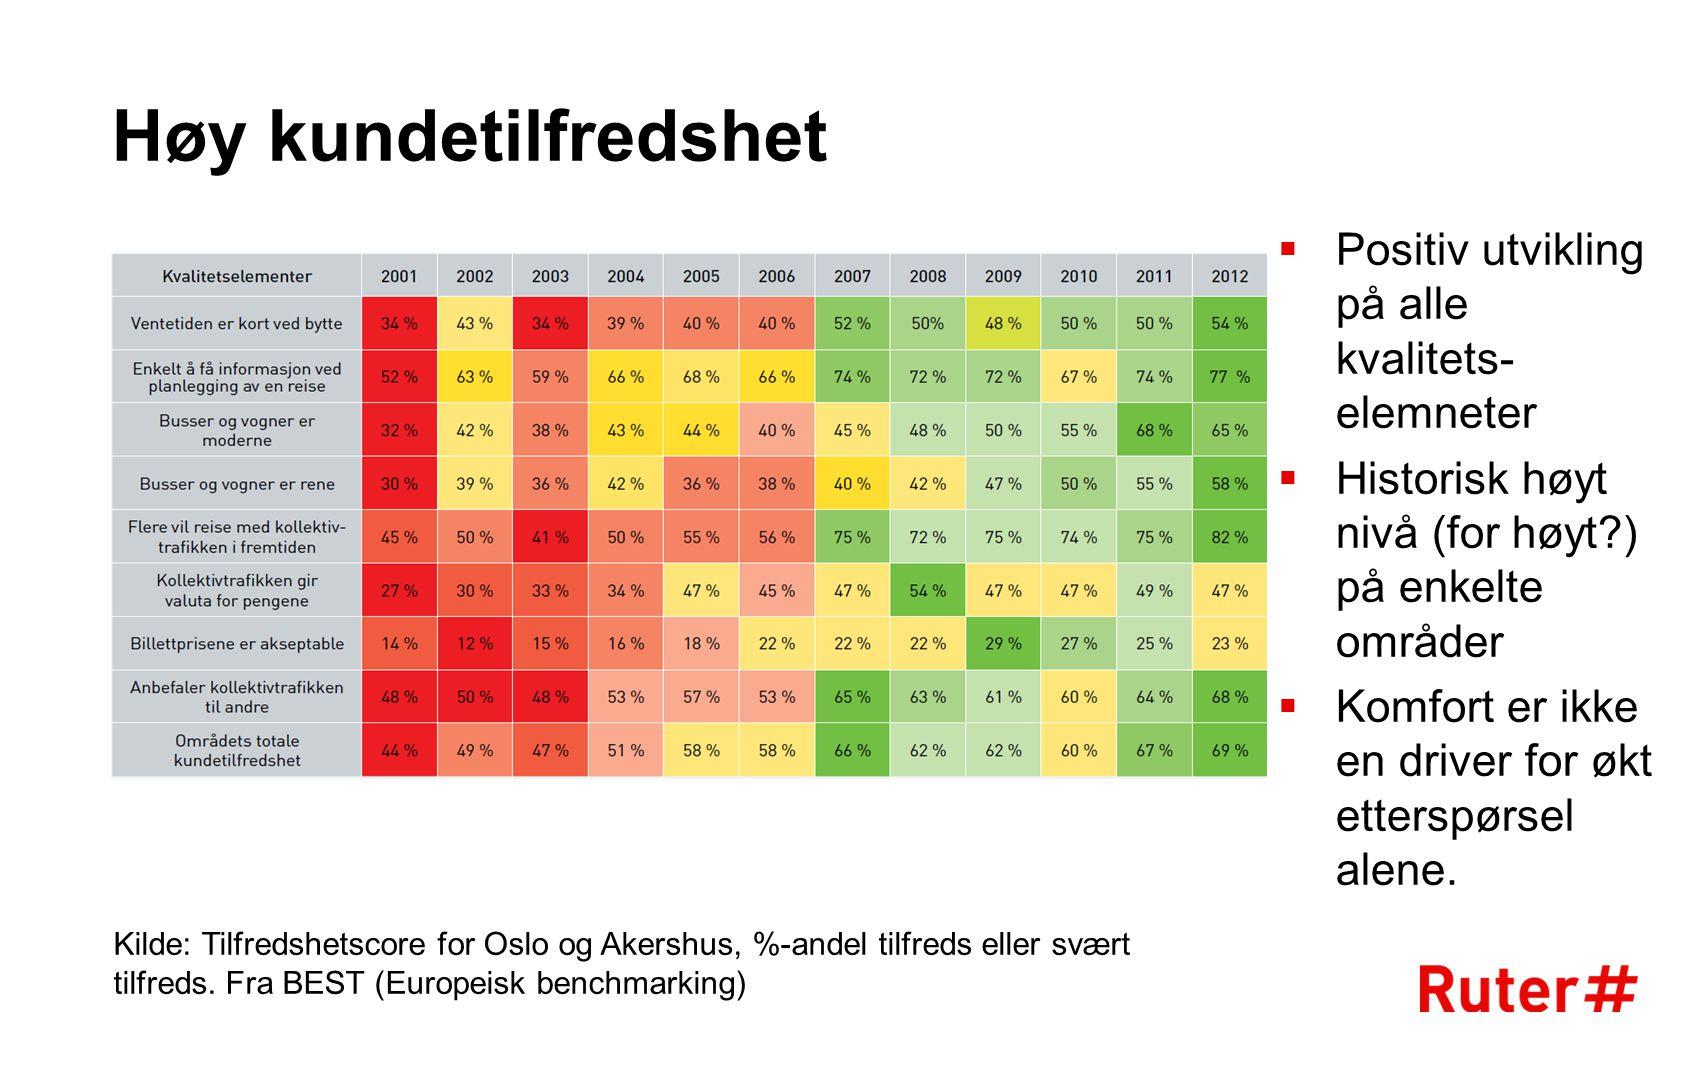 Høy kundetilfredshet Kilde: Tilfredshetscore for Oslo og Akershus, %-andel tilfreds eller svært tilfreds. Fra BEST (Europeisk benchmarking)  Positiv